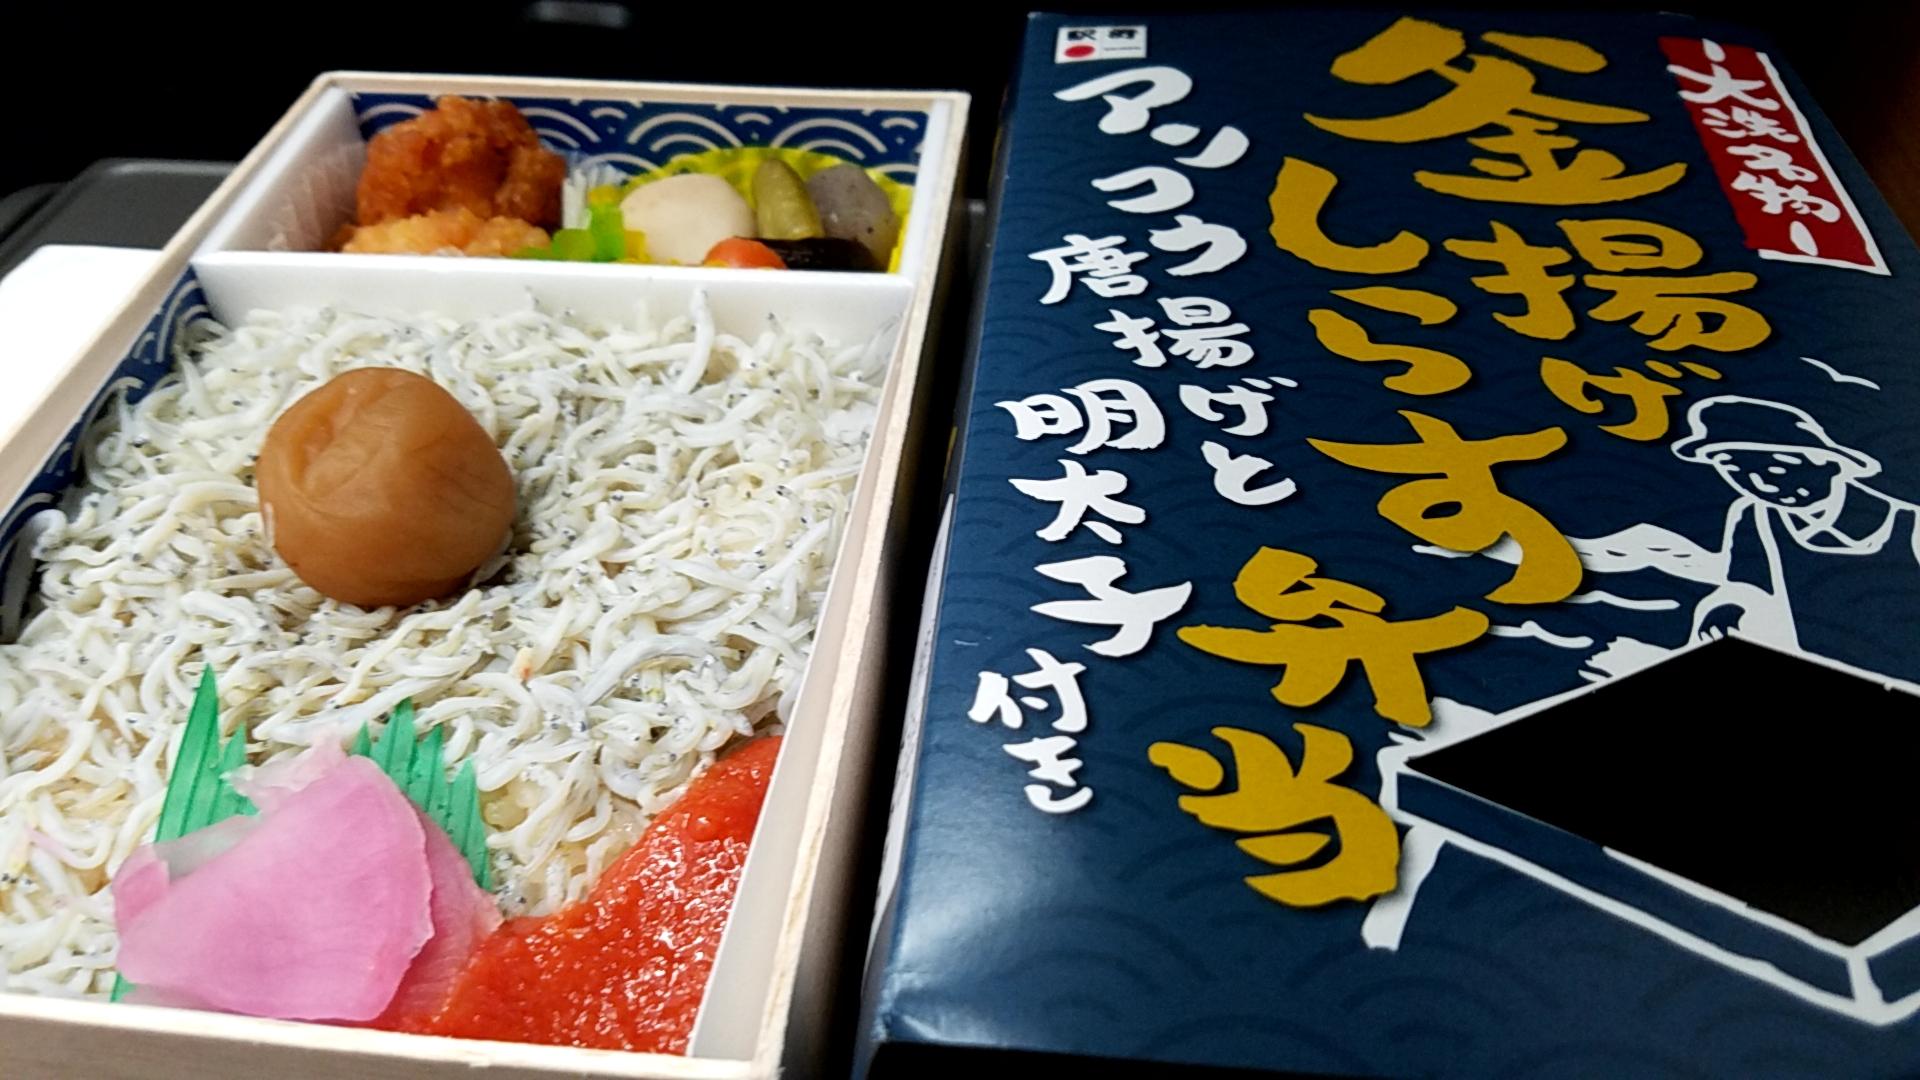 Mito Local lunch box